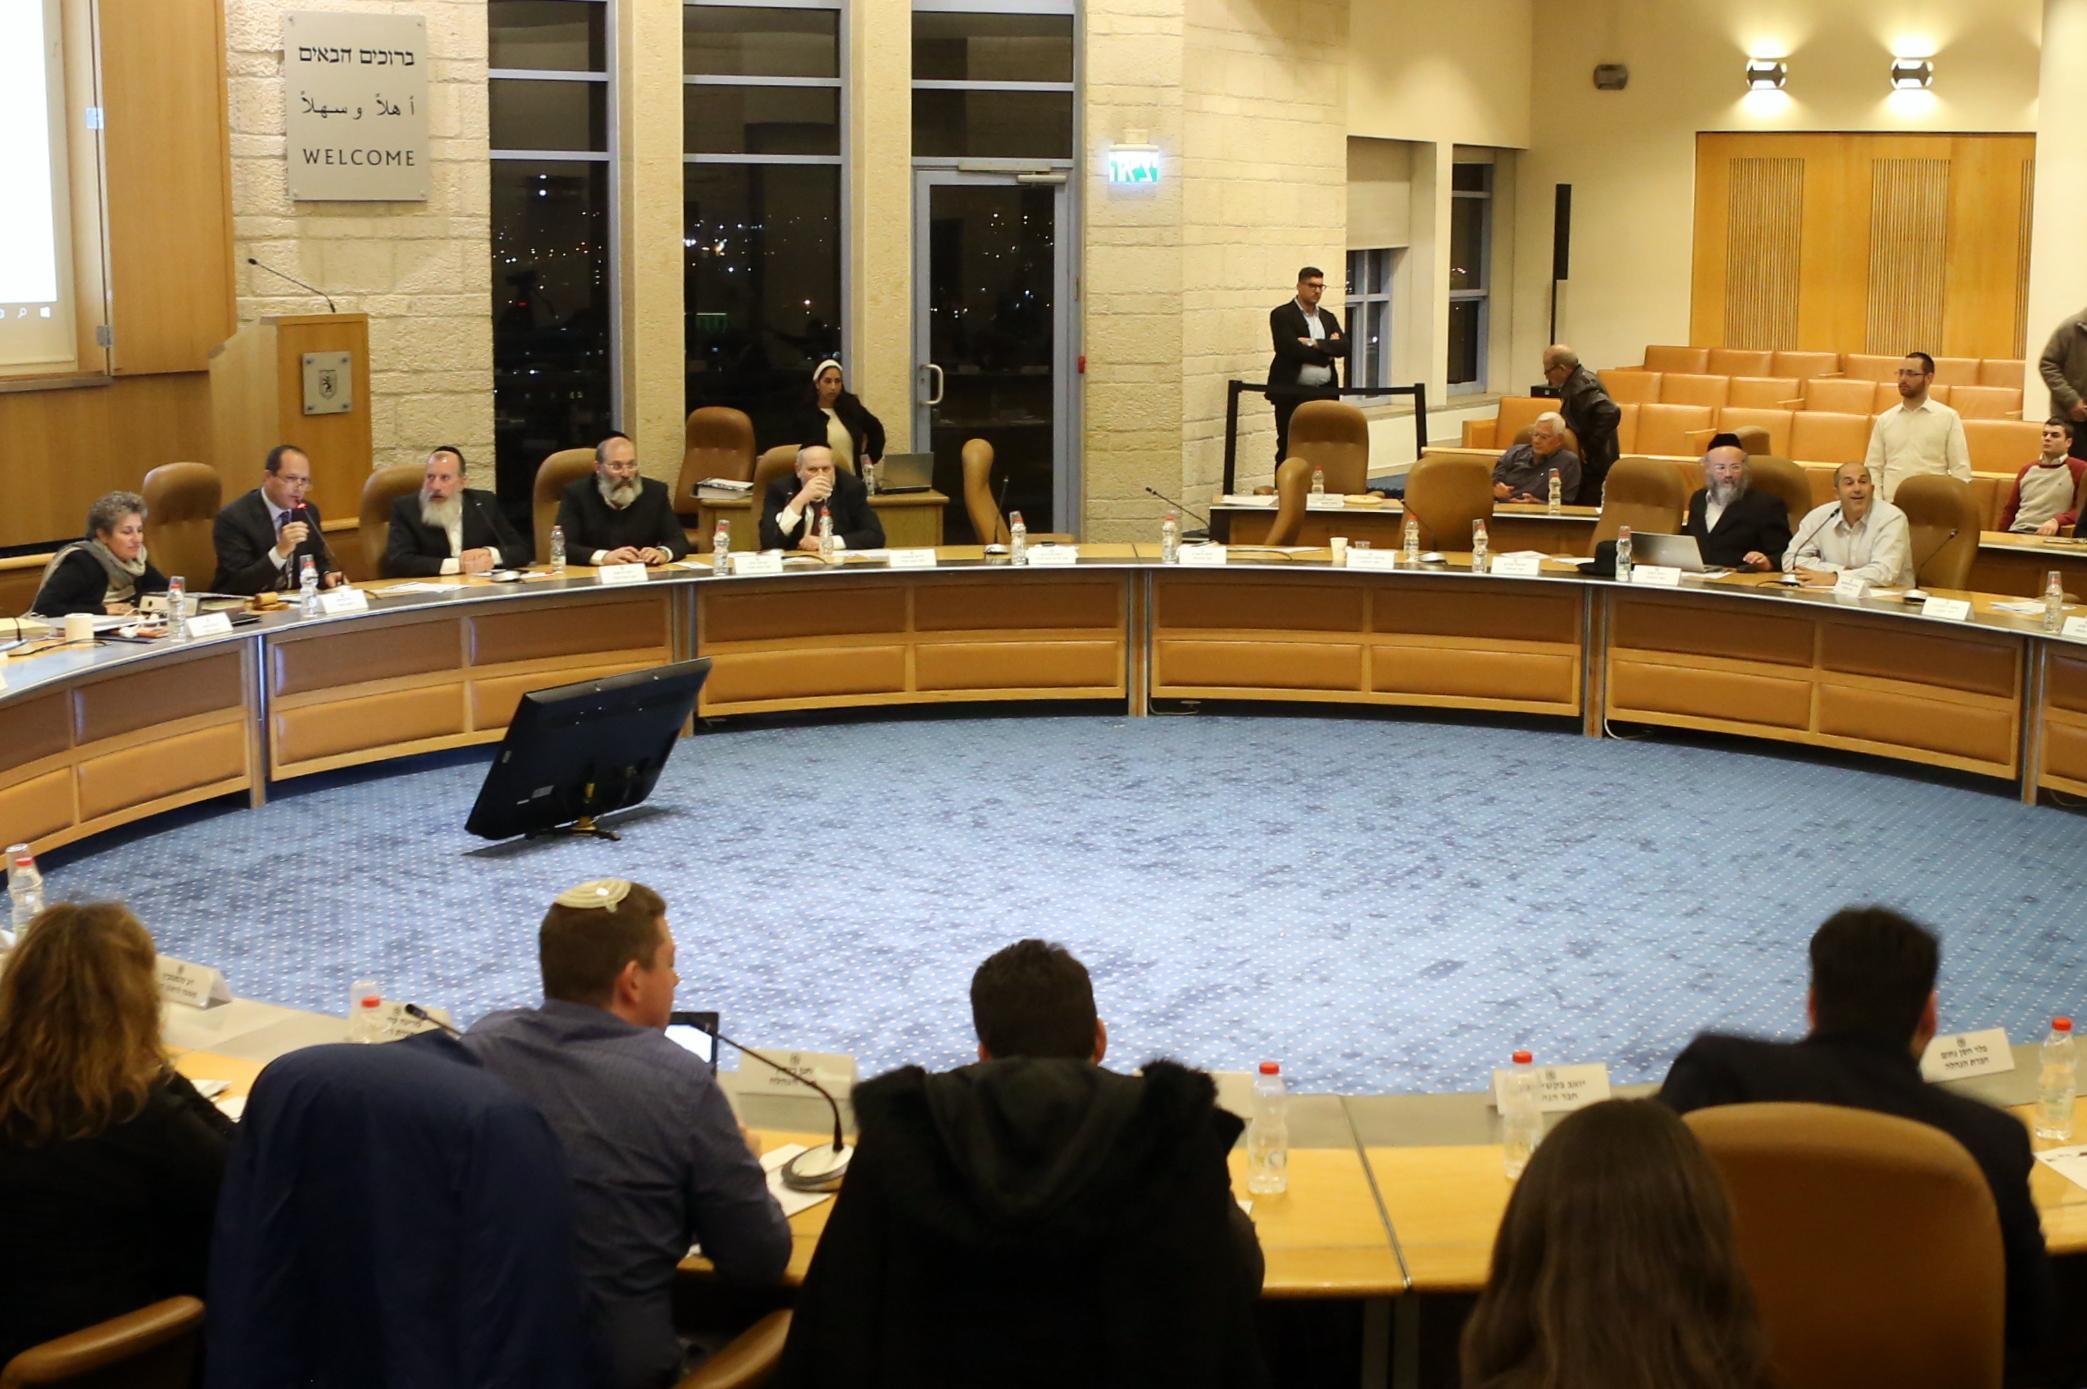 צפו: הנציגים החרימו את ההצבעה על התקציב